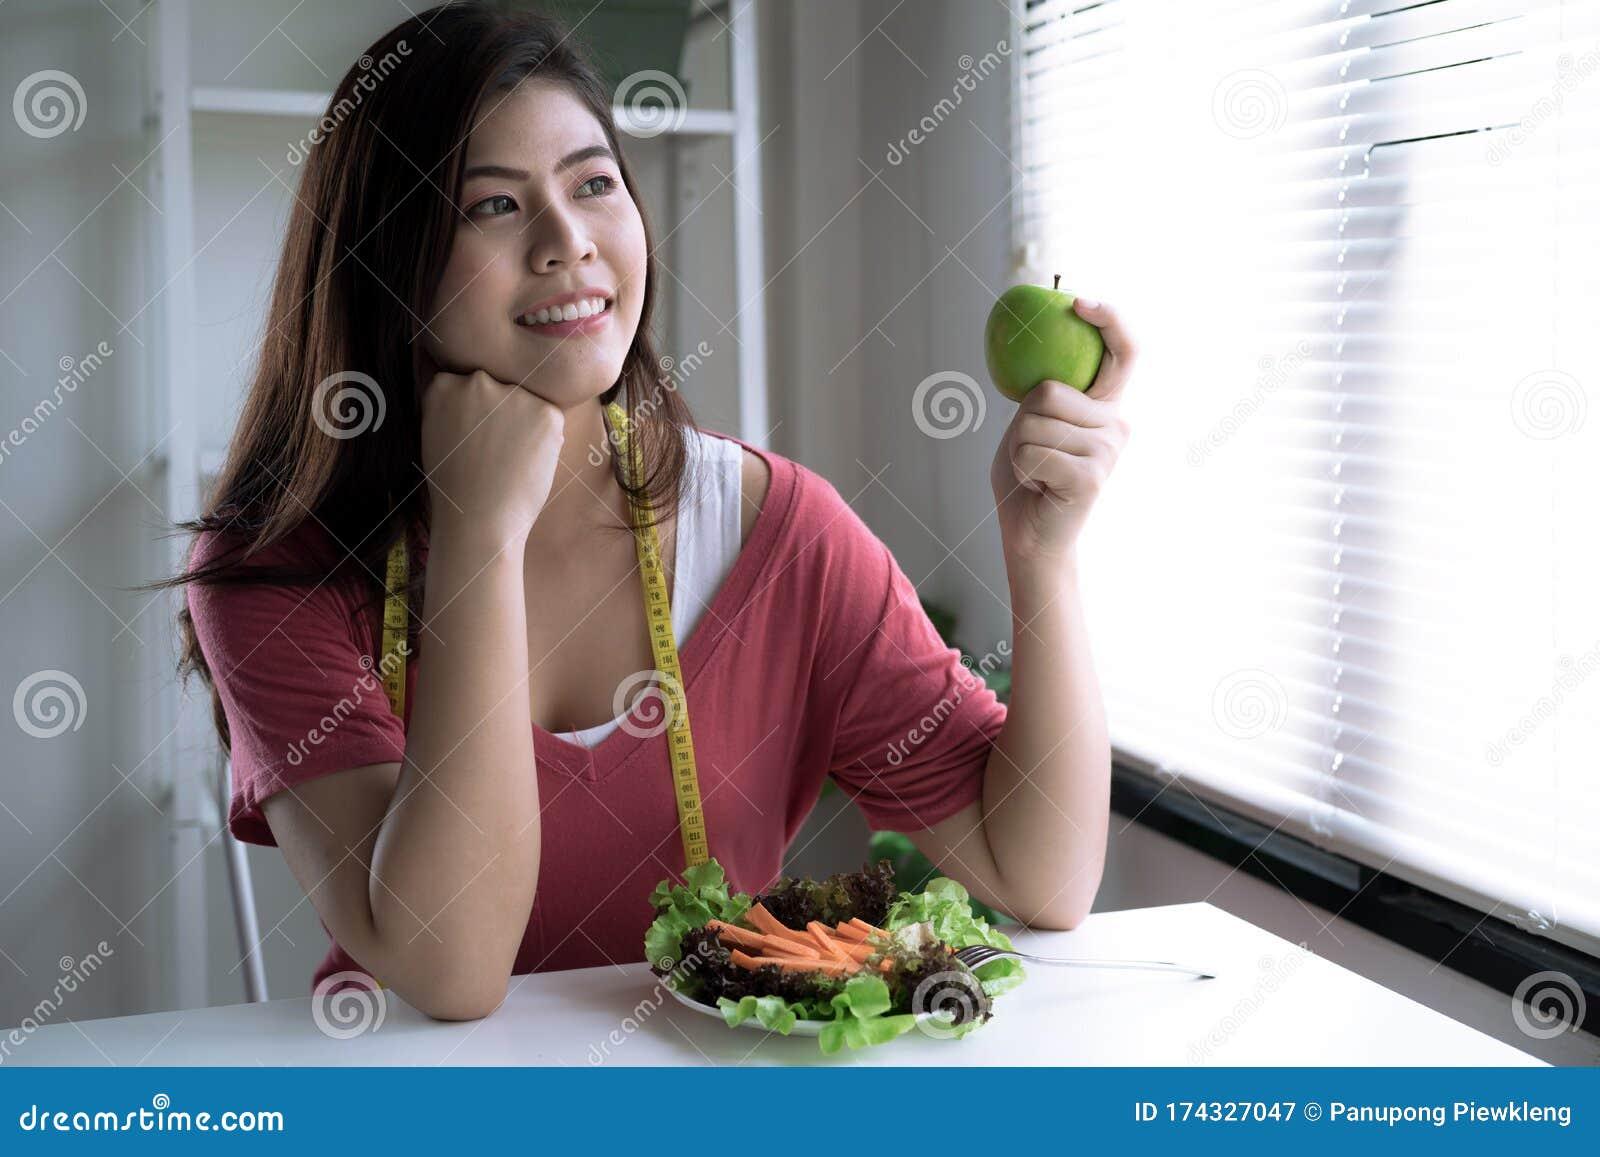 is an asian diet good for women